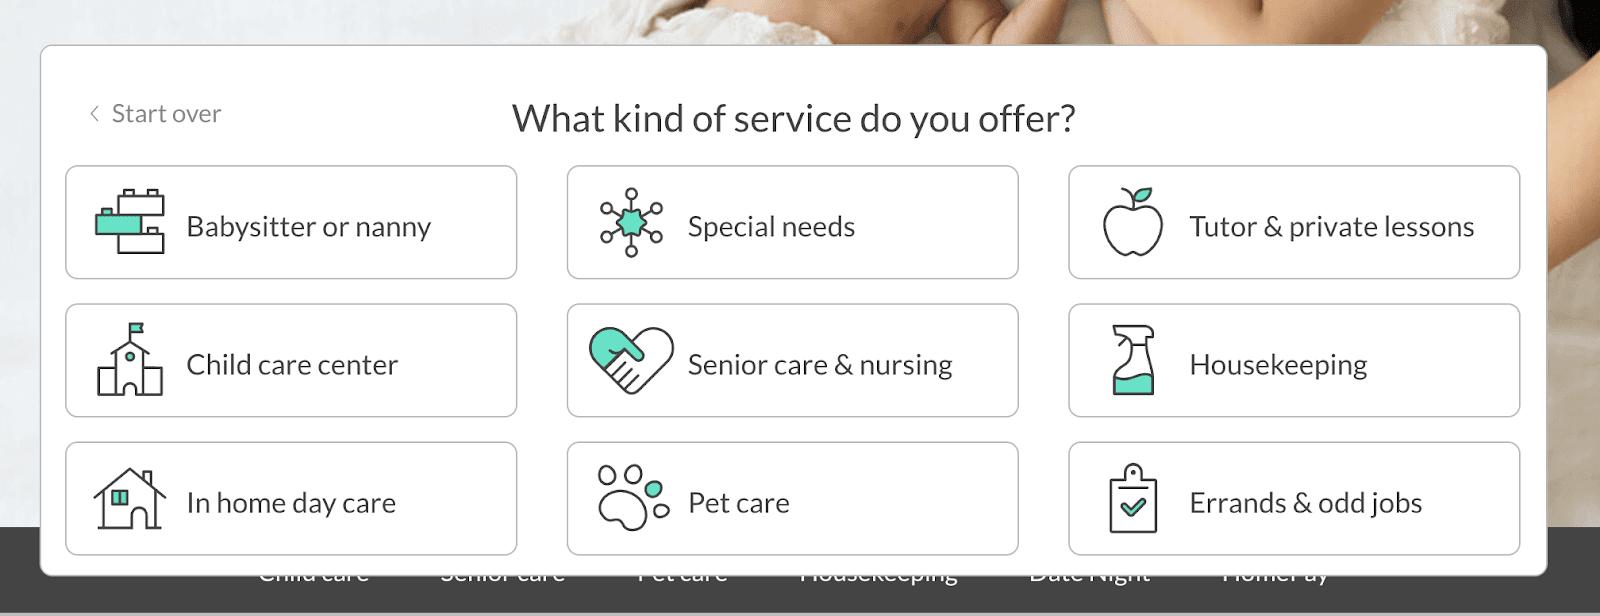 Requisitos de Care.com: lo que necesita para convertirse en un cuidador - Paso 2